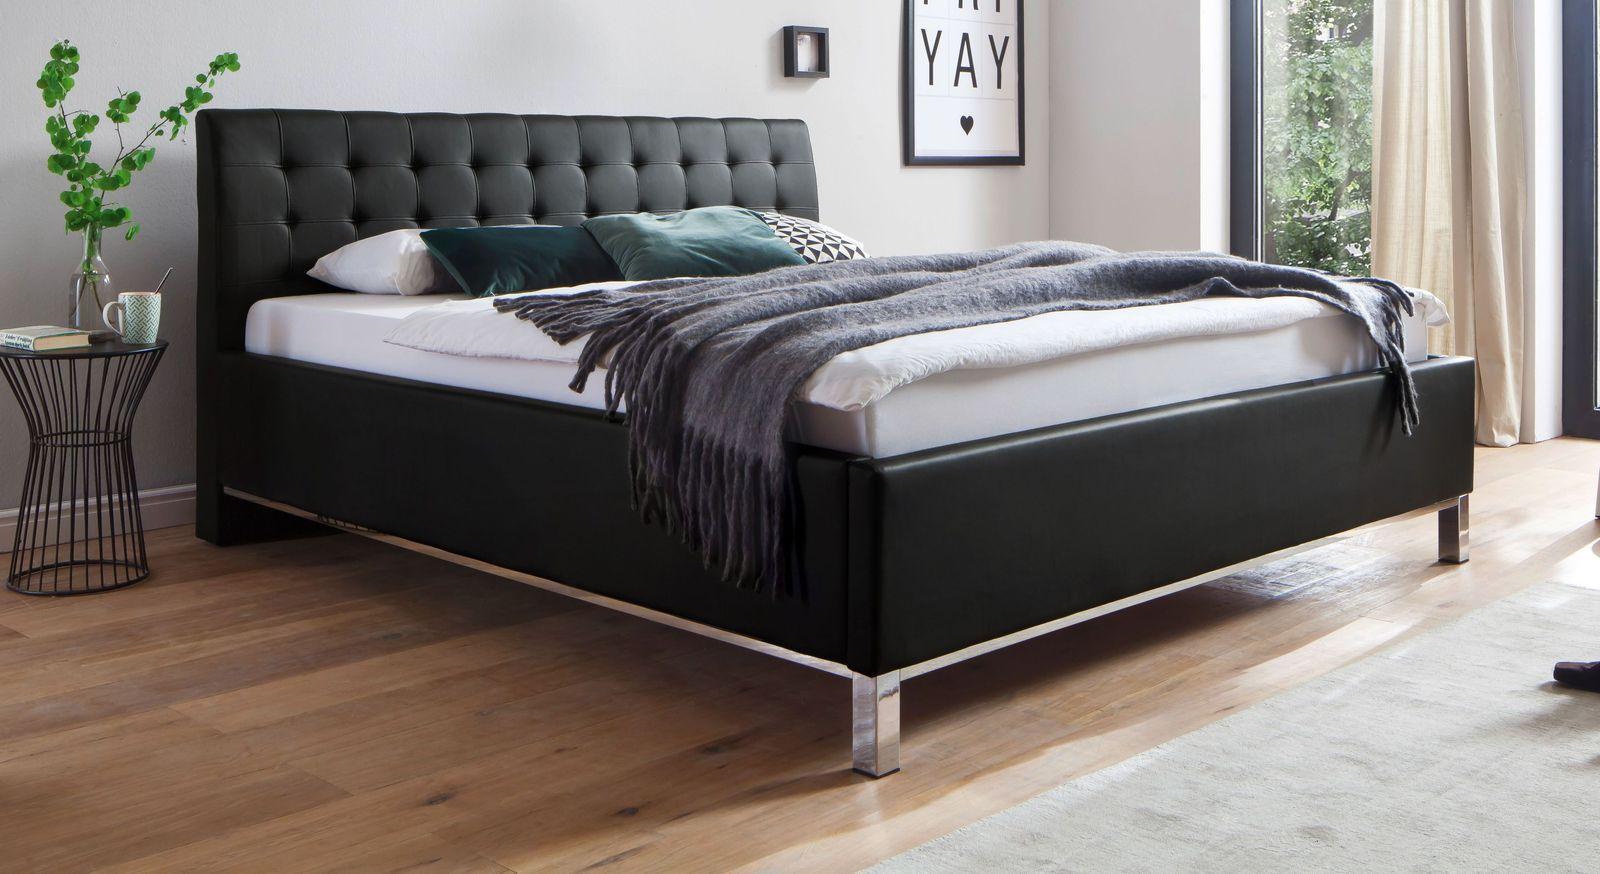 Hochwertiges Bett Varmo aus schwarzem Kunstleder